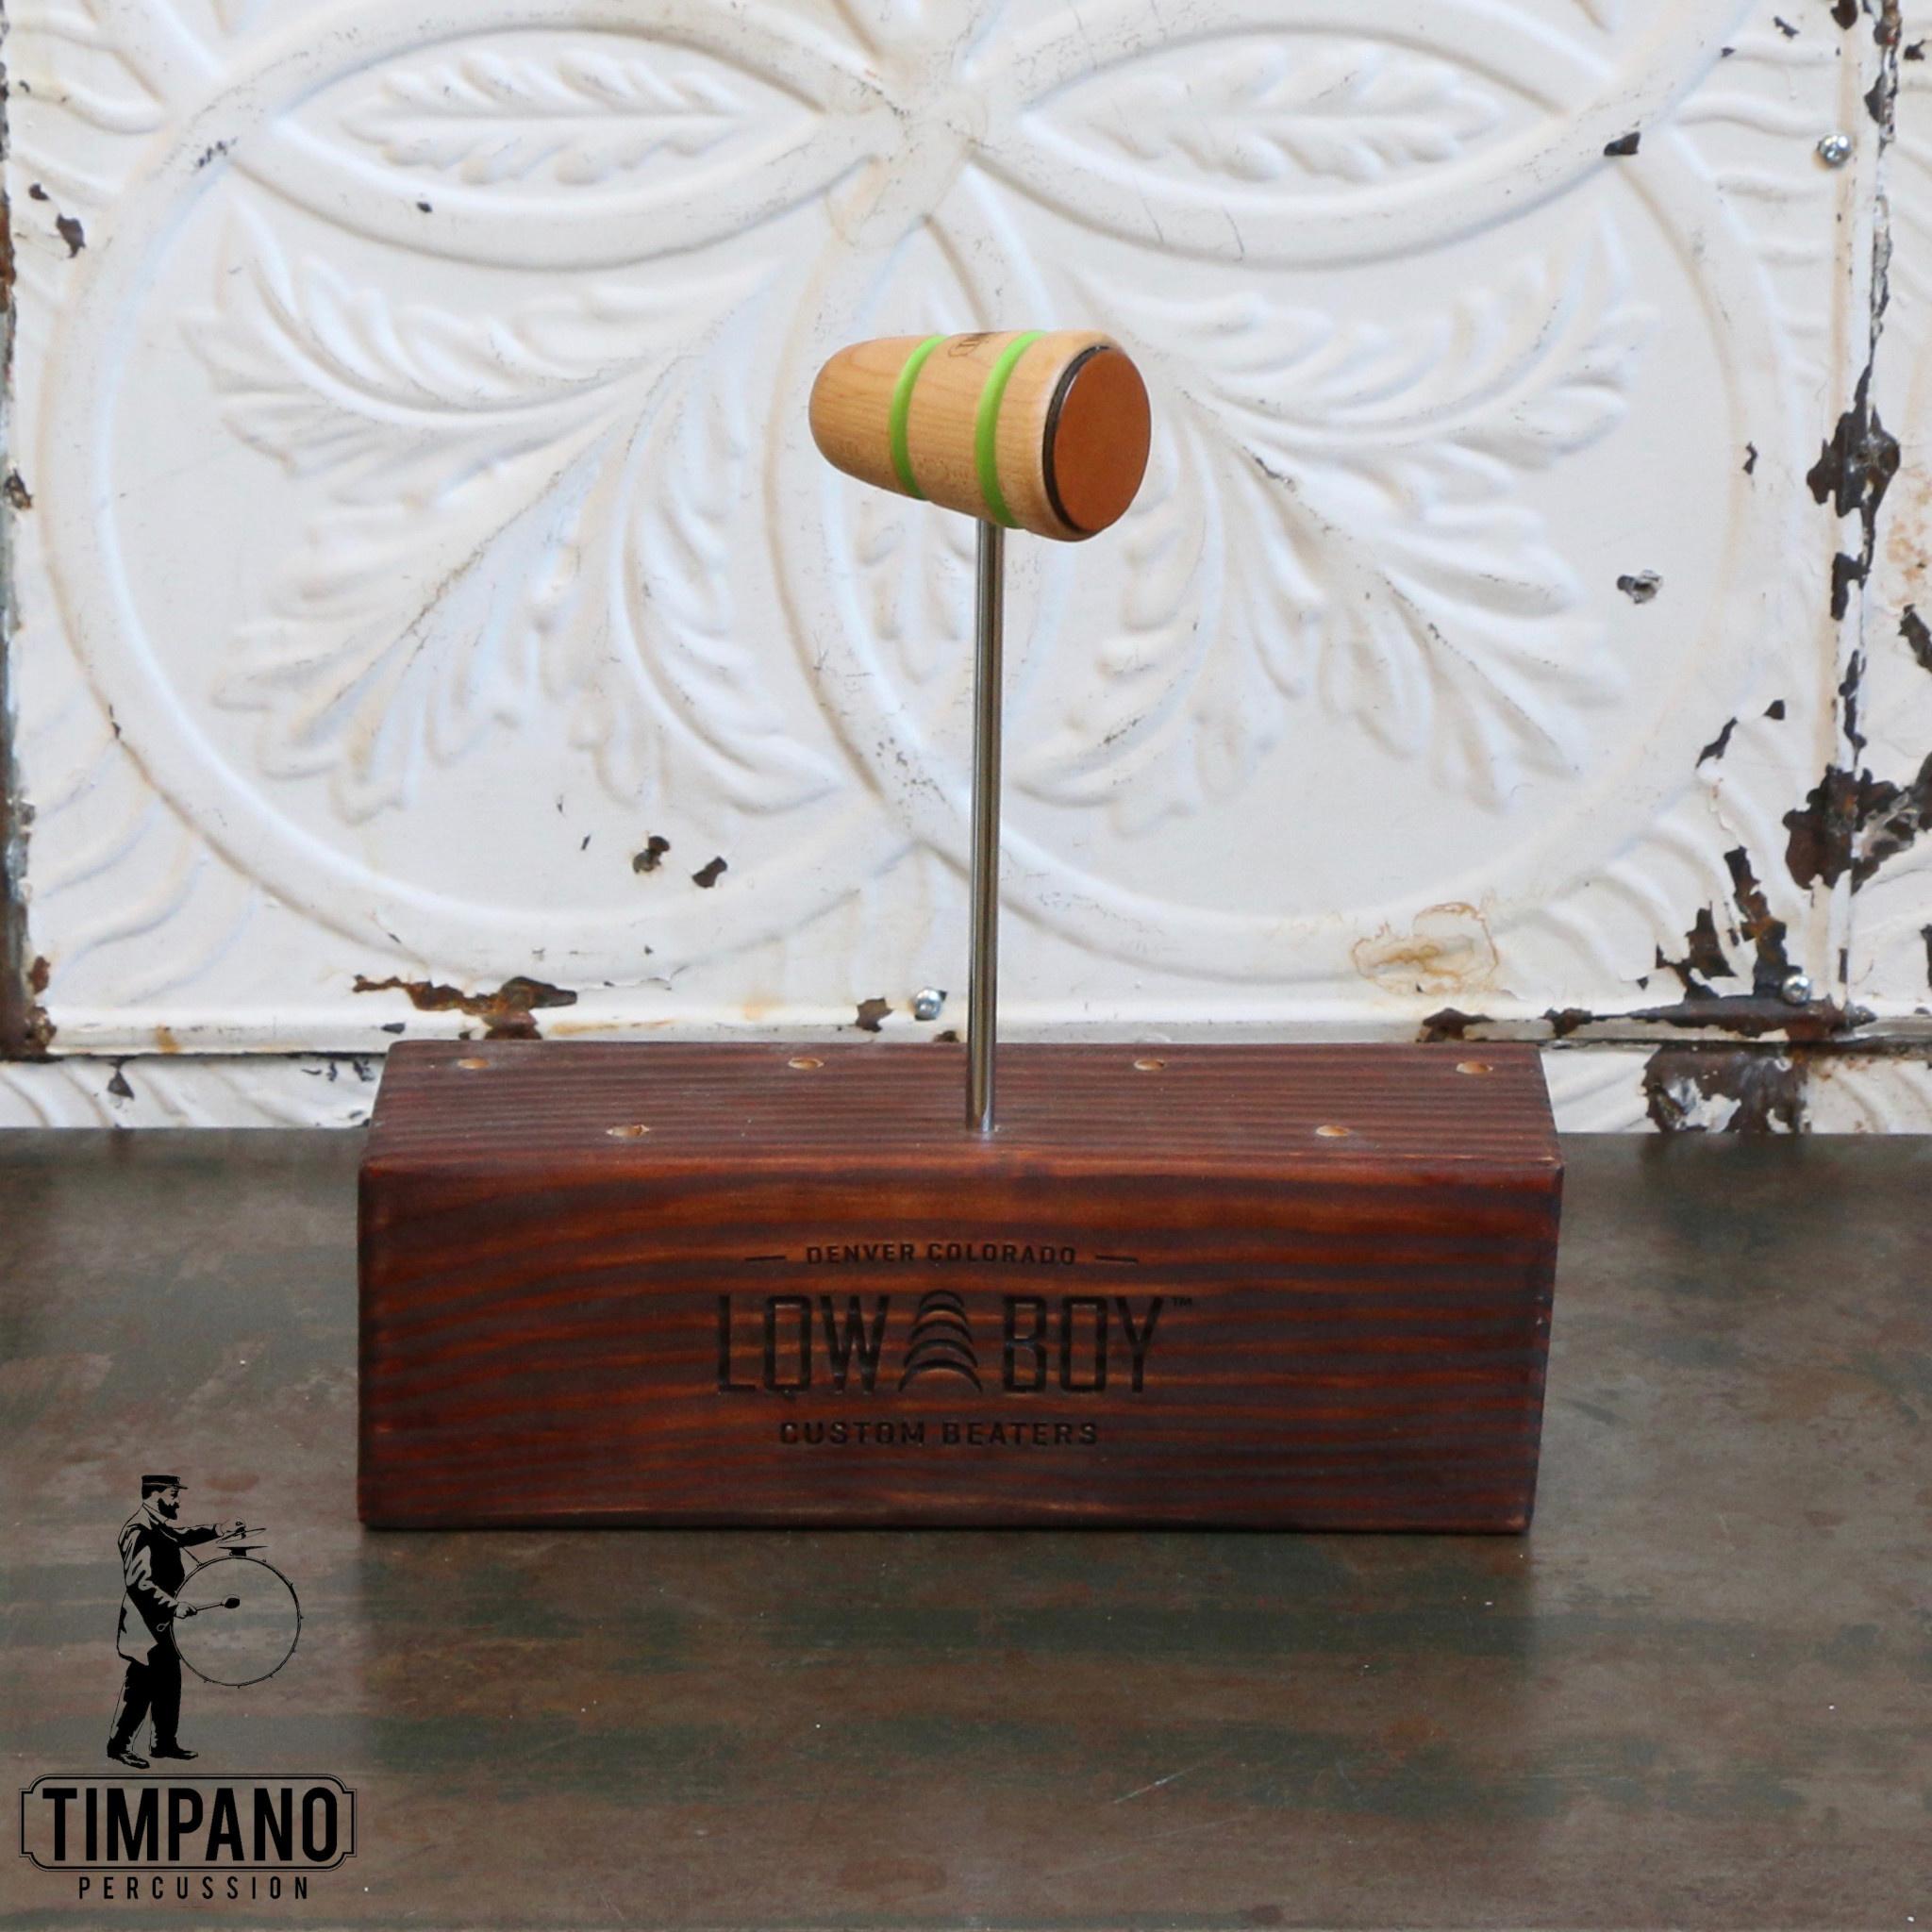 Low Boy Batte de grosse caisse Low Boy Leather Daddy Timpano (naturel, ligne verte)